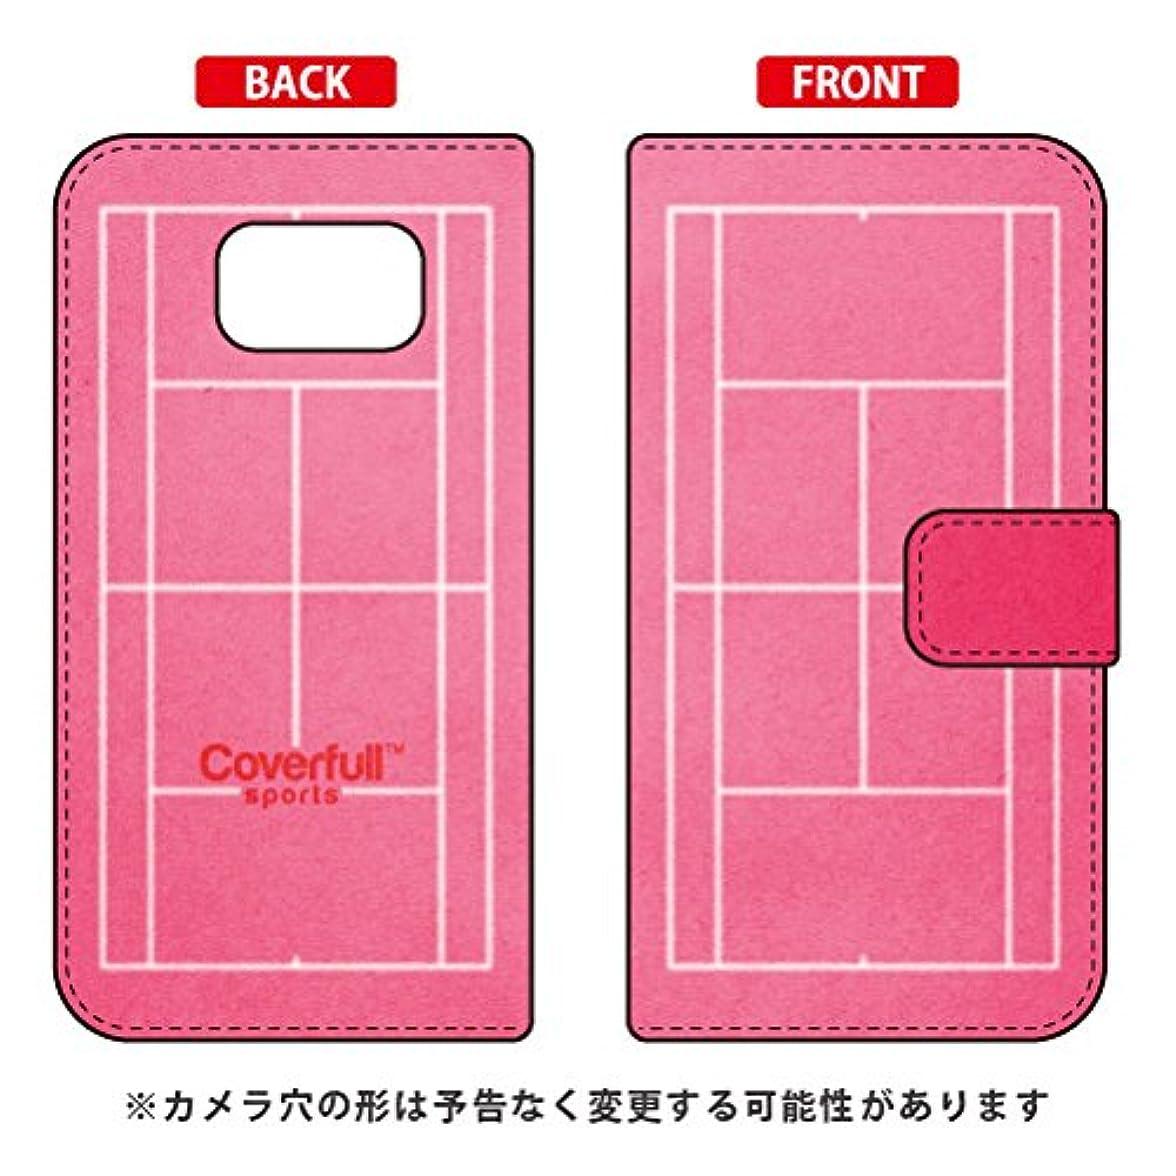 群れ自我シンプトン[Galaxy S6 SC-05G/docomo専用] Coverfull スマートフォンケース 手帳型スマートフォンケース テニスコート ピンク DSC05G-IJTC-401-MHY6